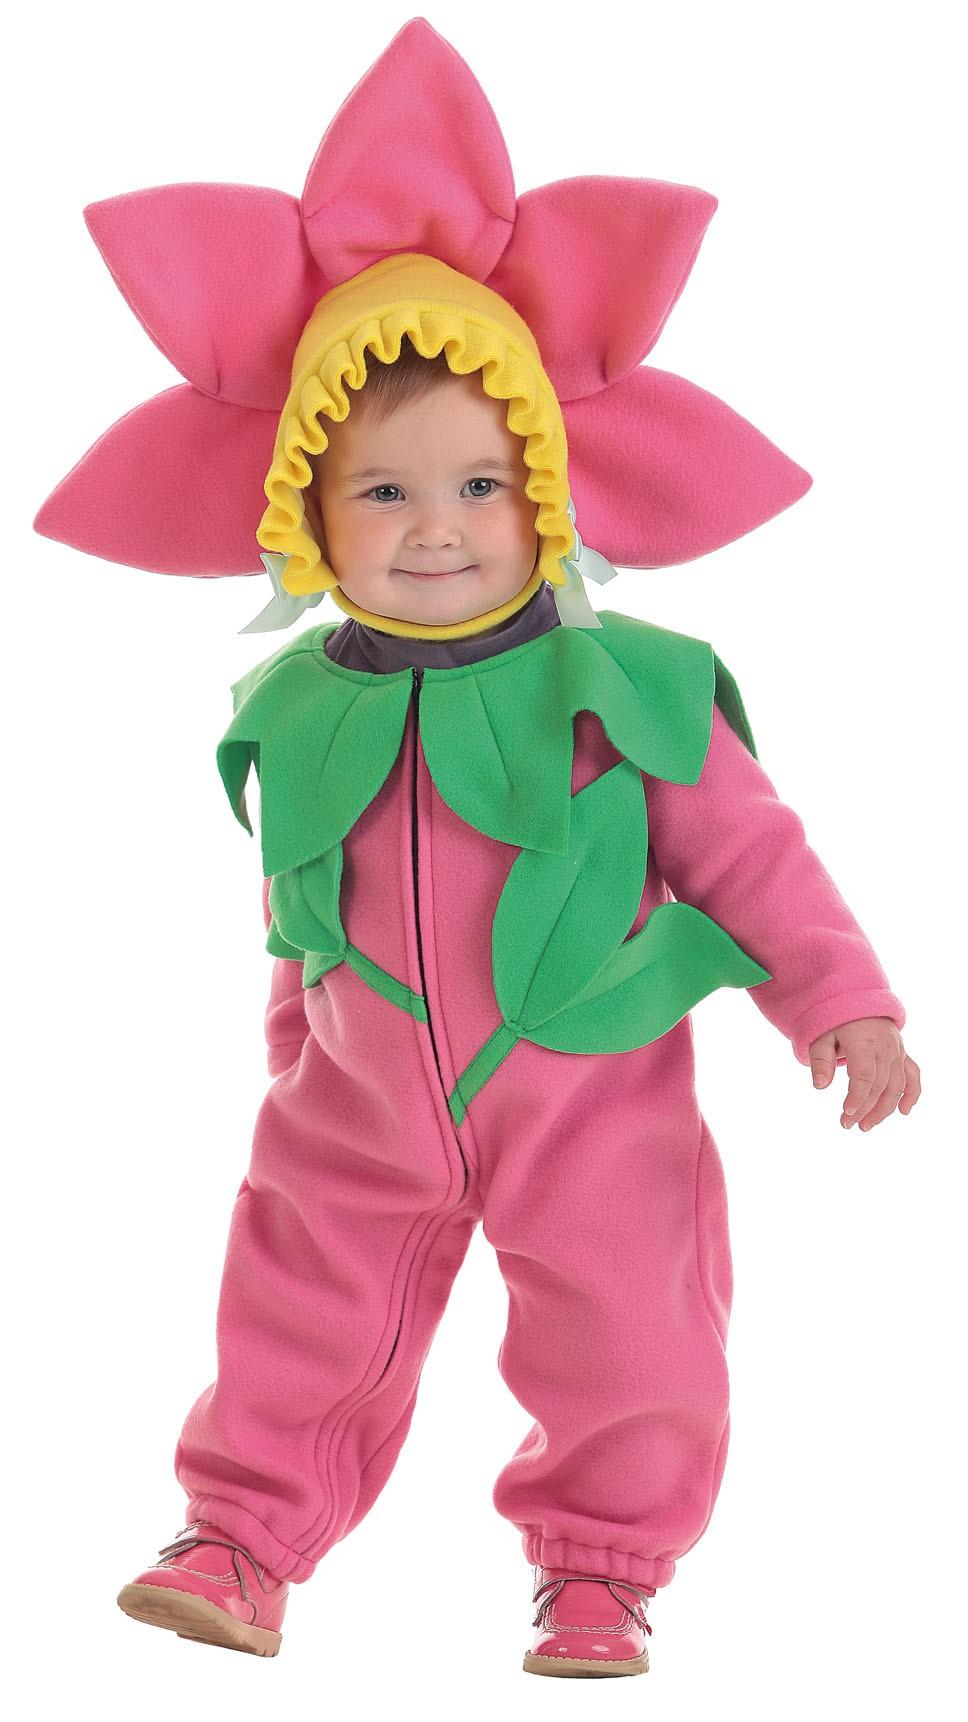 Disfraces originales para bebés: amplia selección - MiDisfraz